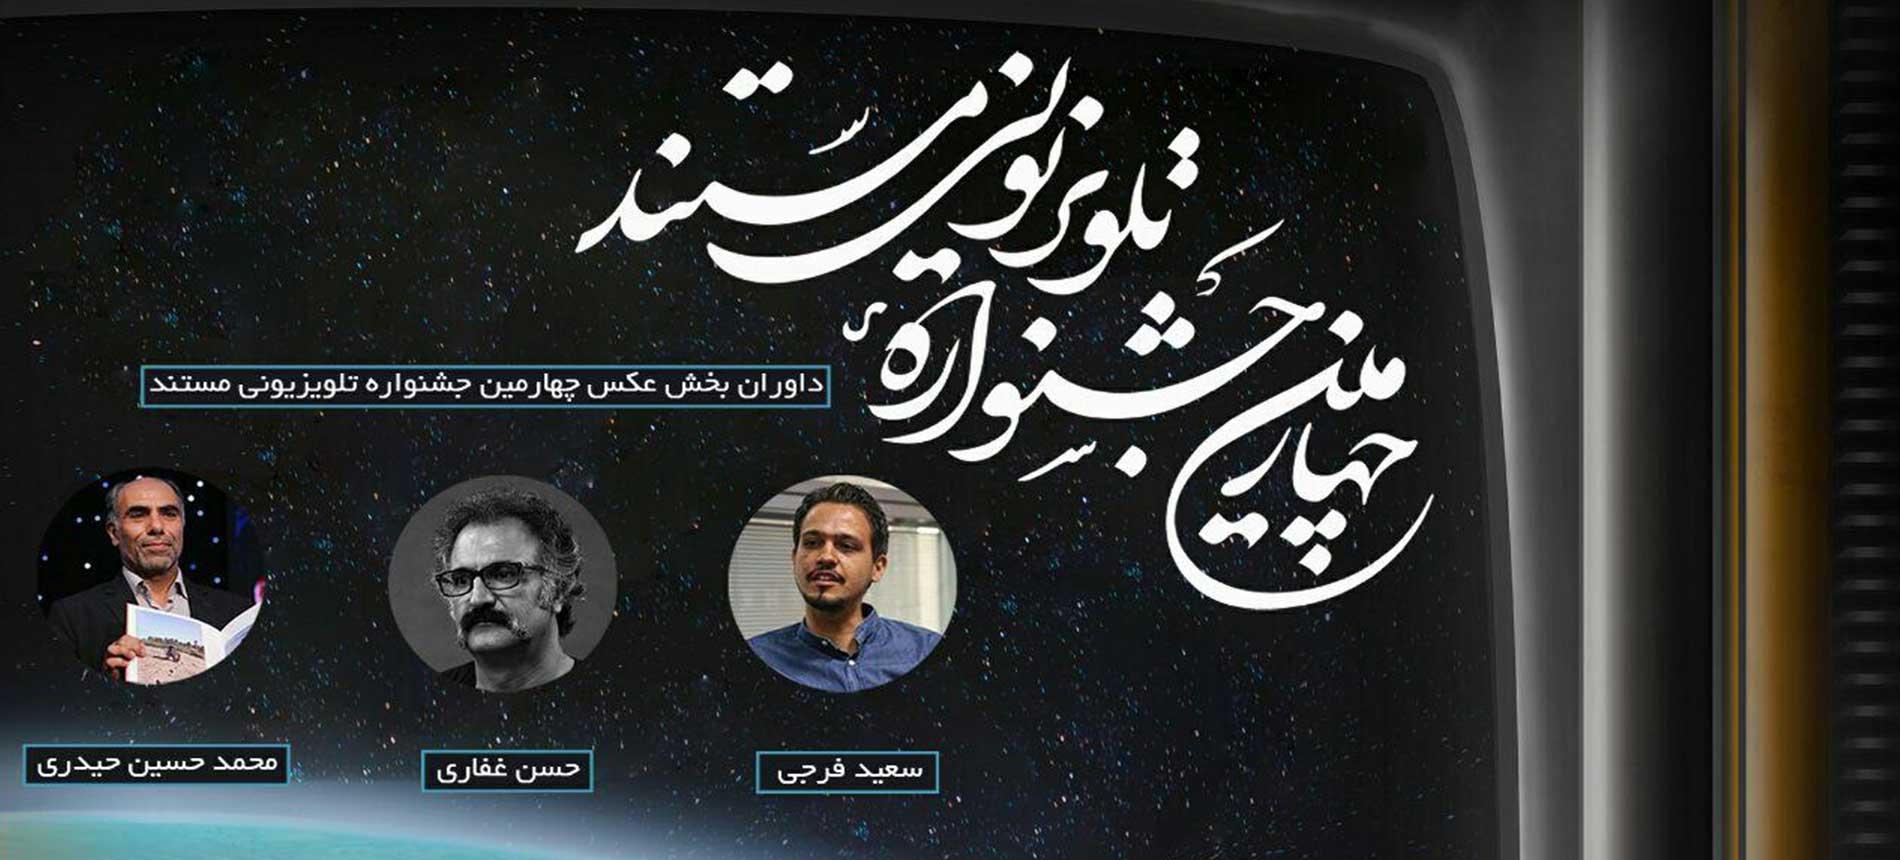 معرفی داوران بخش عکس چهارمین جشنواره تلویزیونی مستند